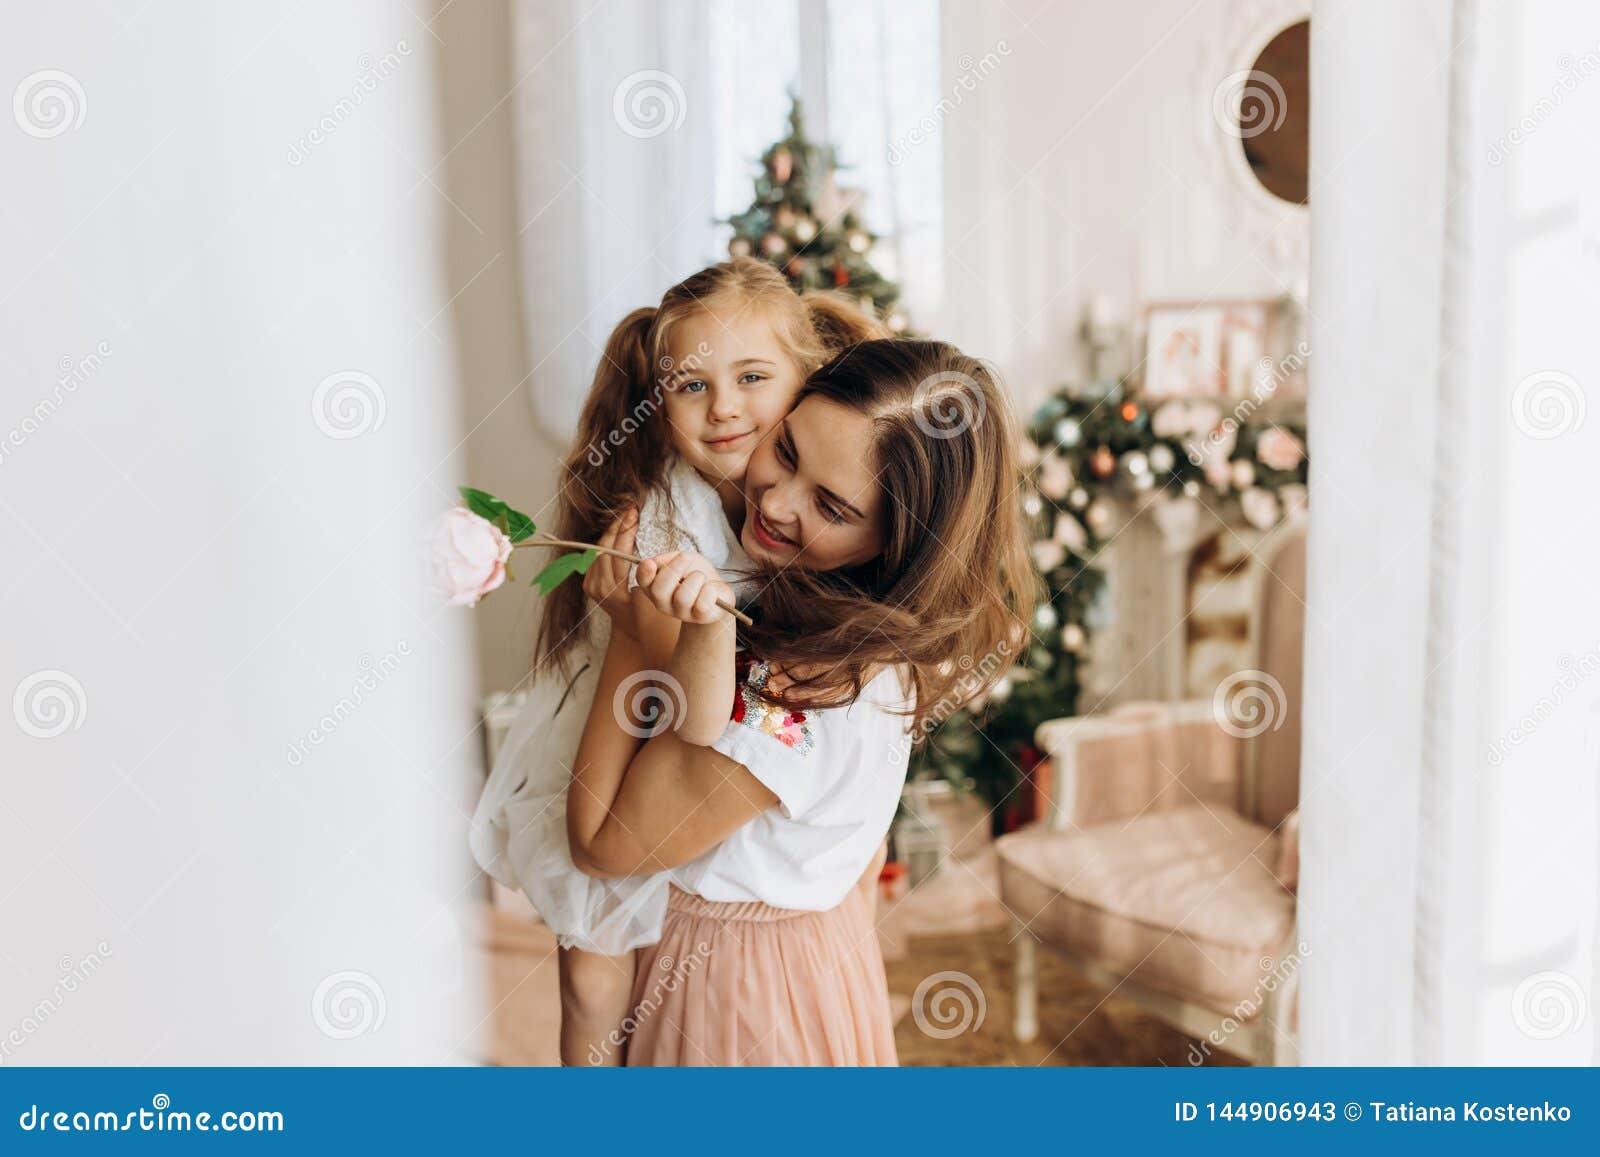 La madre joven celebra en sus manos a su pequeña hija en el cuarto acogedor con el árbol del Año Nuevo